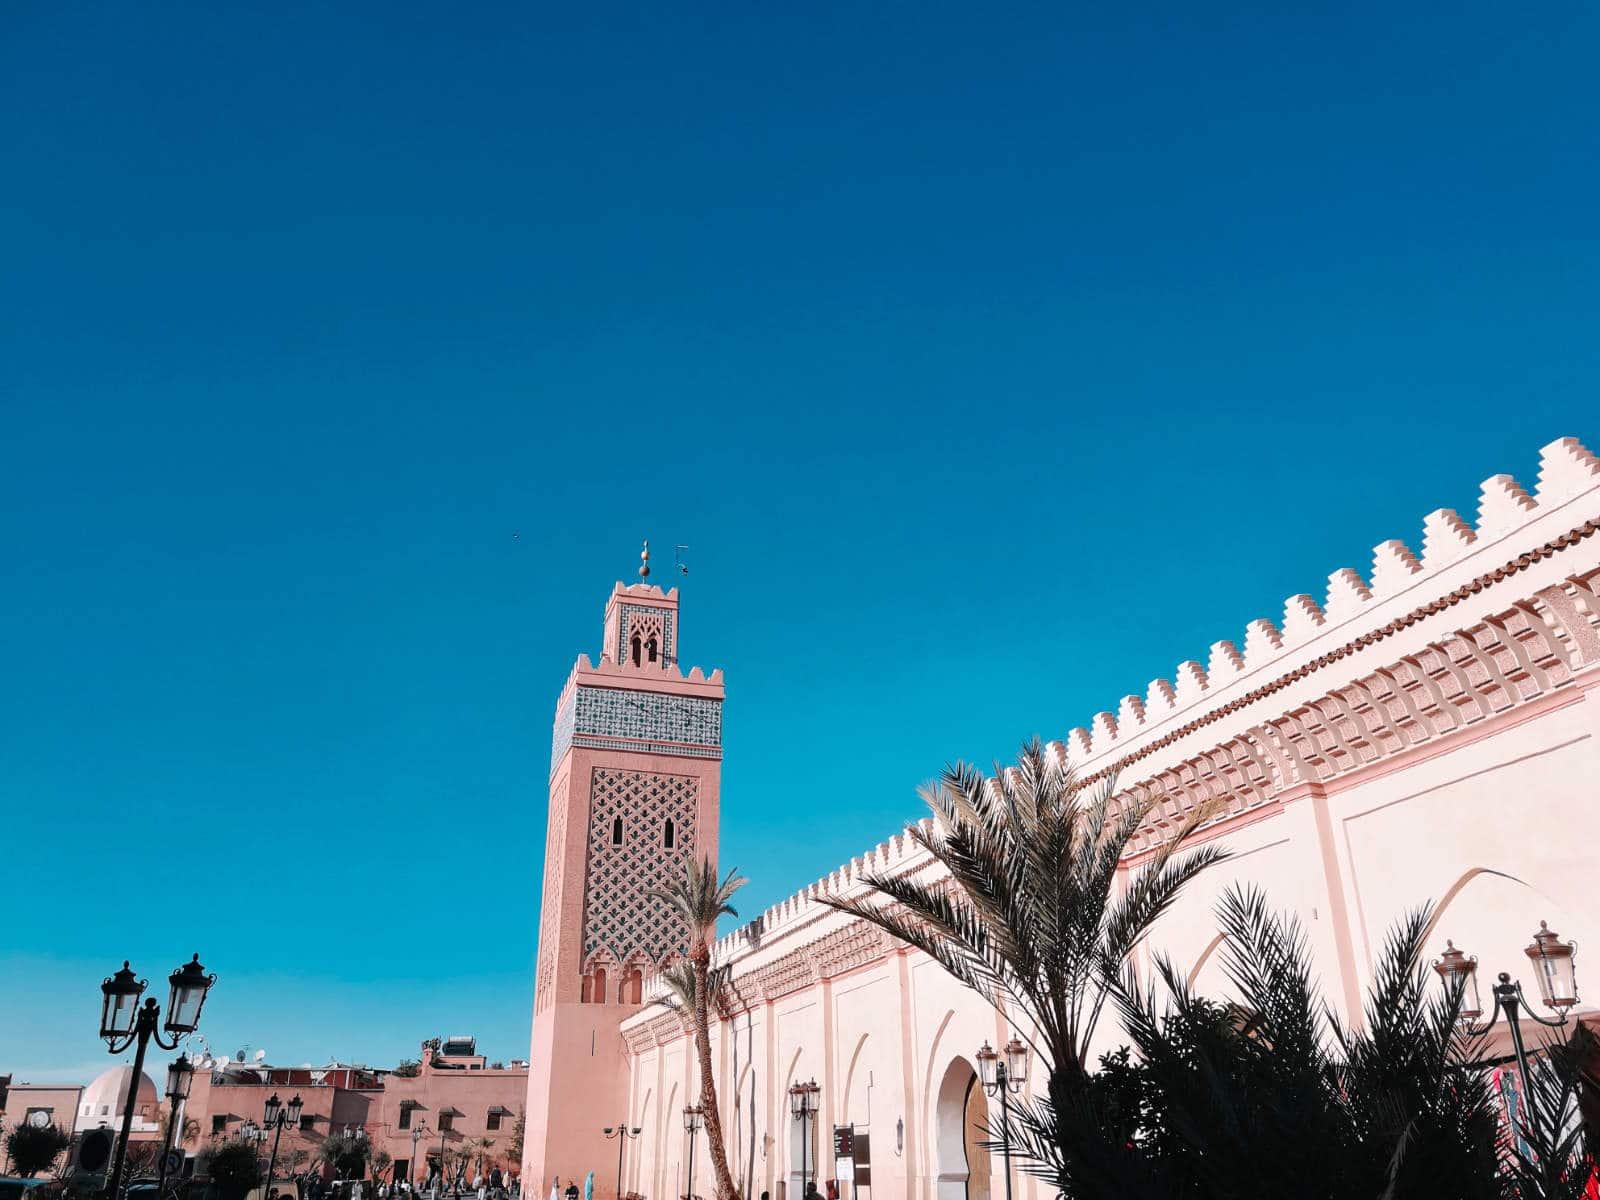 Koutoubia Moschee